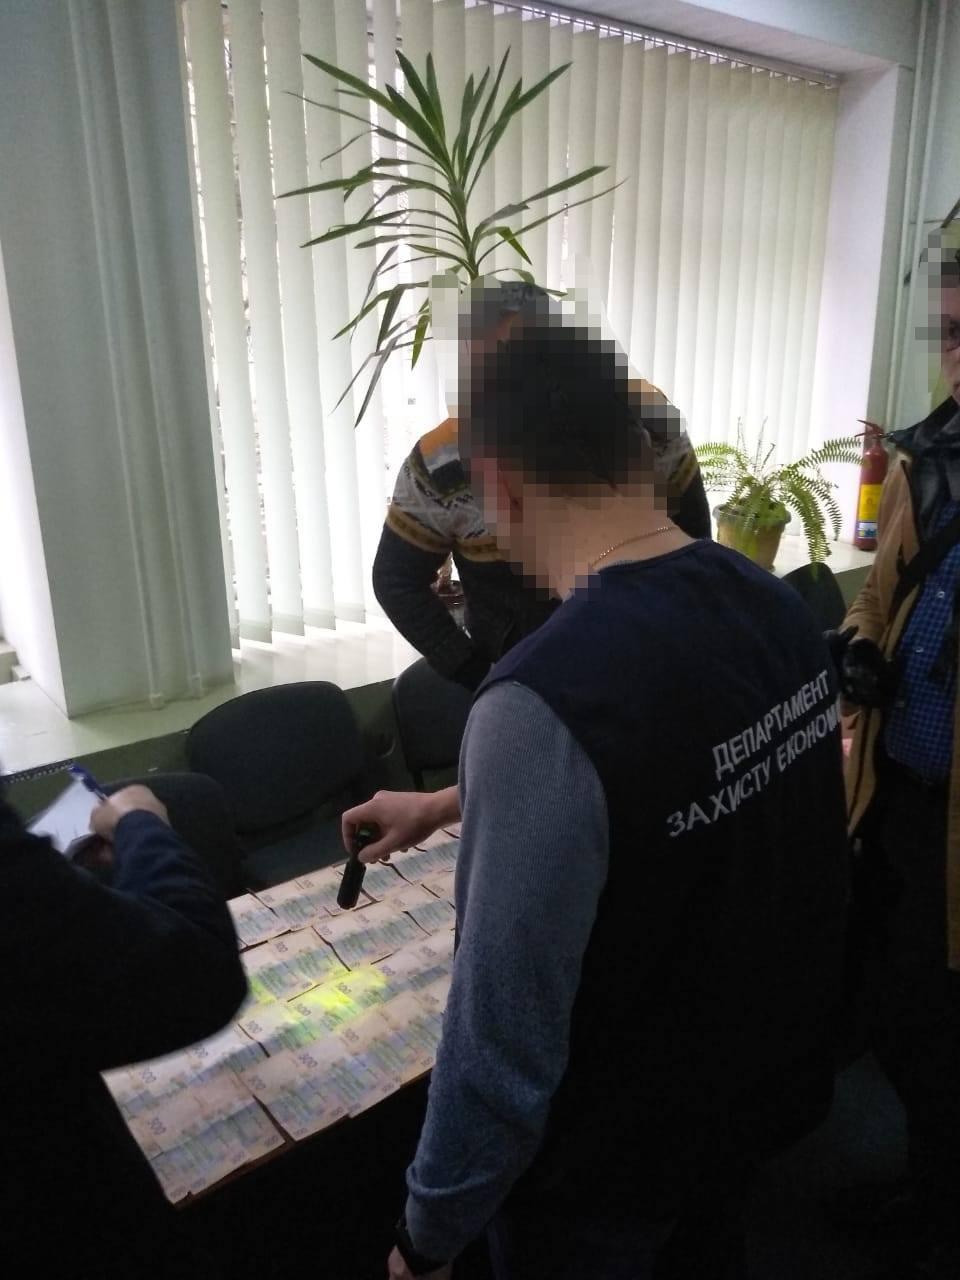 Задержанные вымогали у предпринимателя 28 тысяч гривен / фото Facebook: Светлана Добровольская